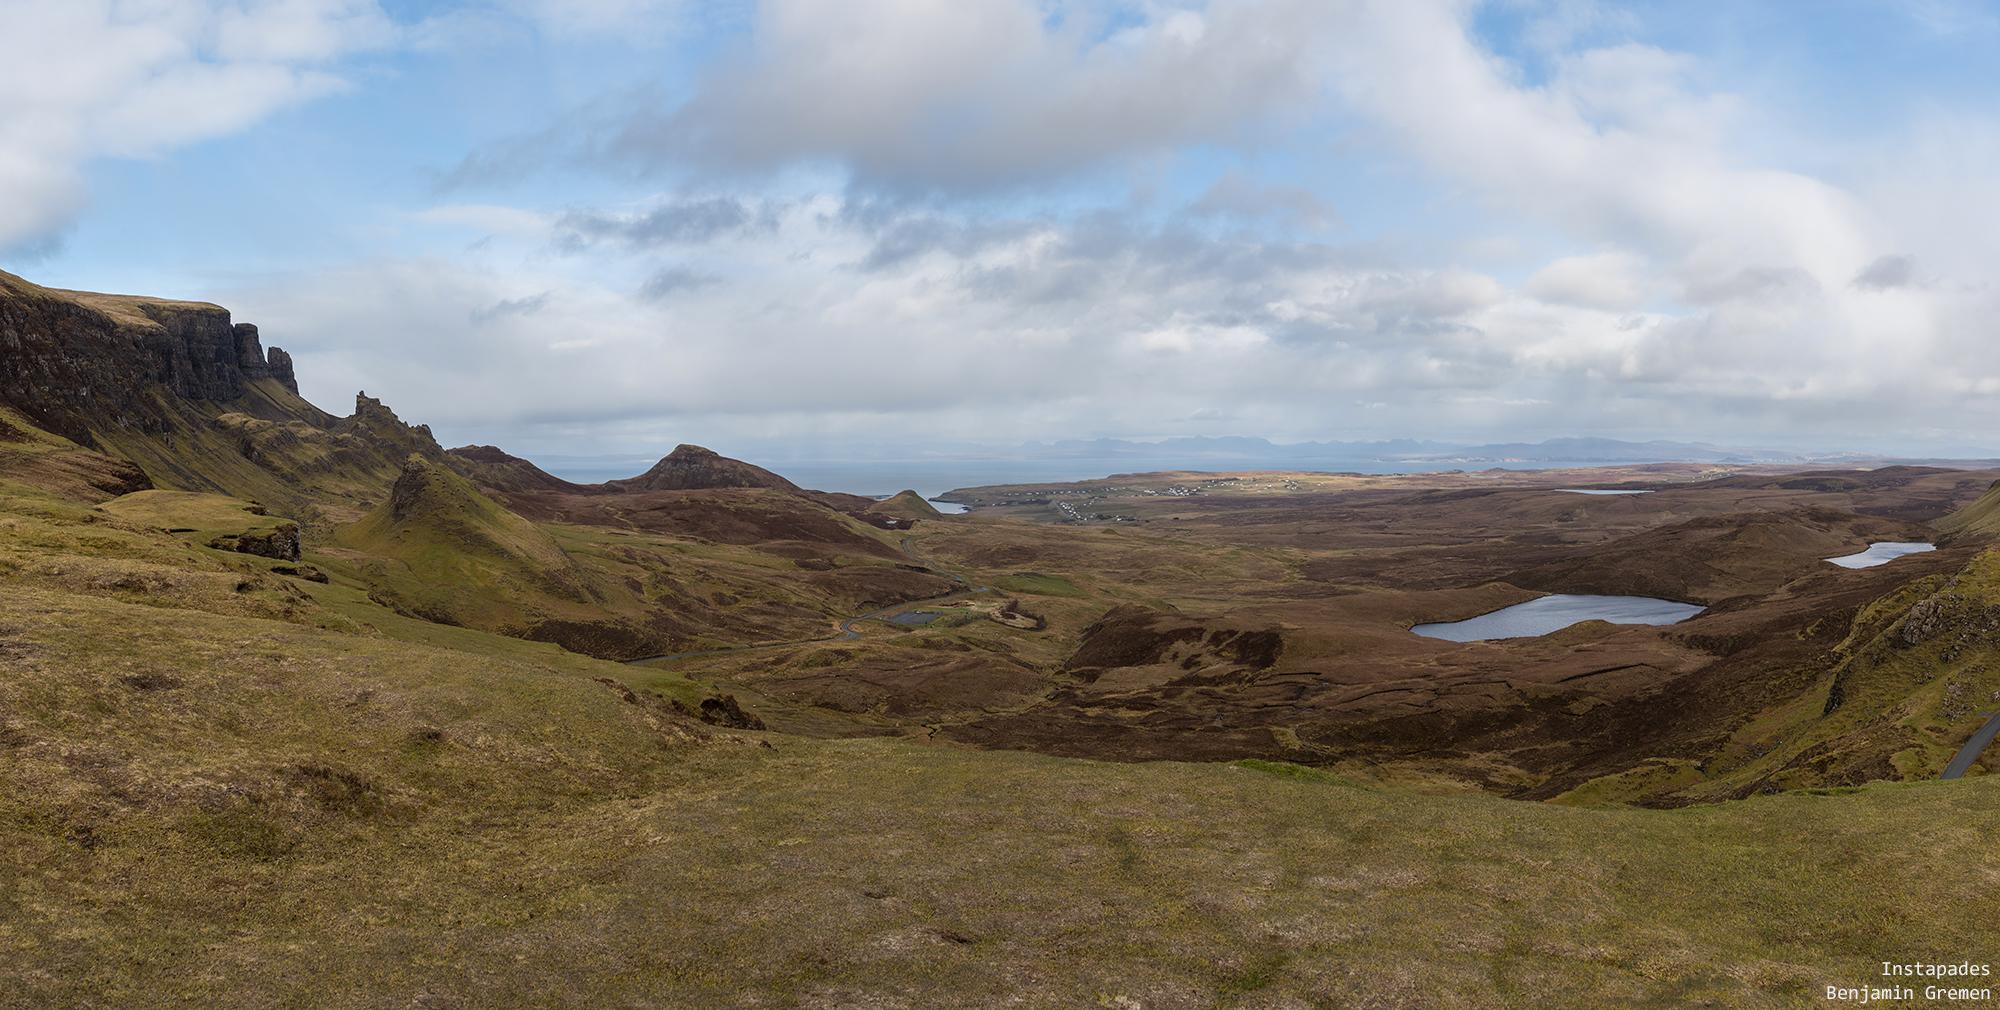 W_J6_5529-Panorama